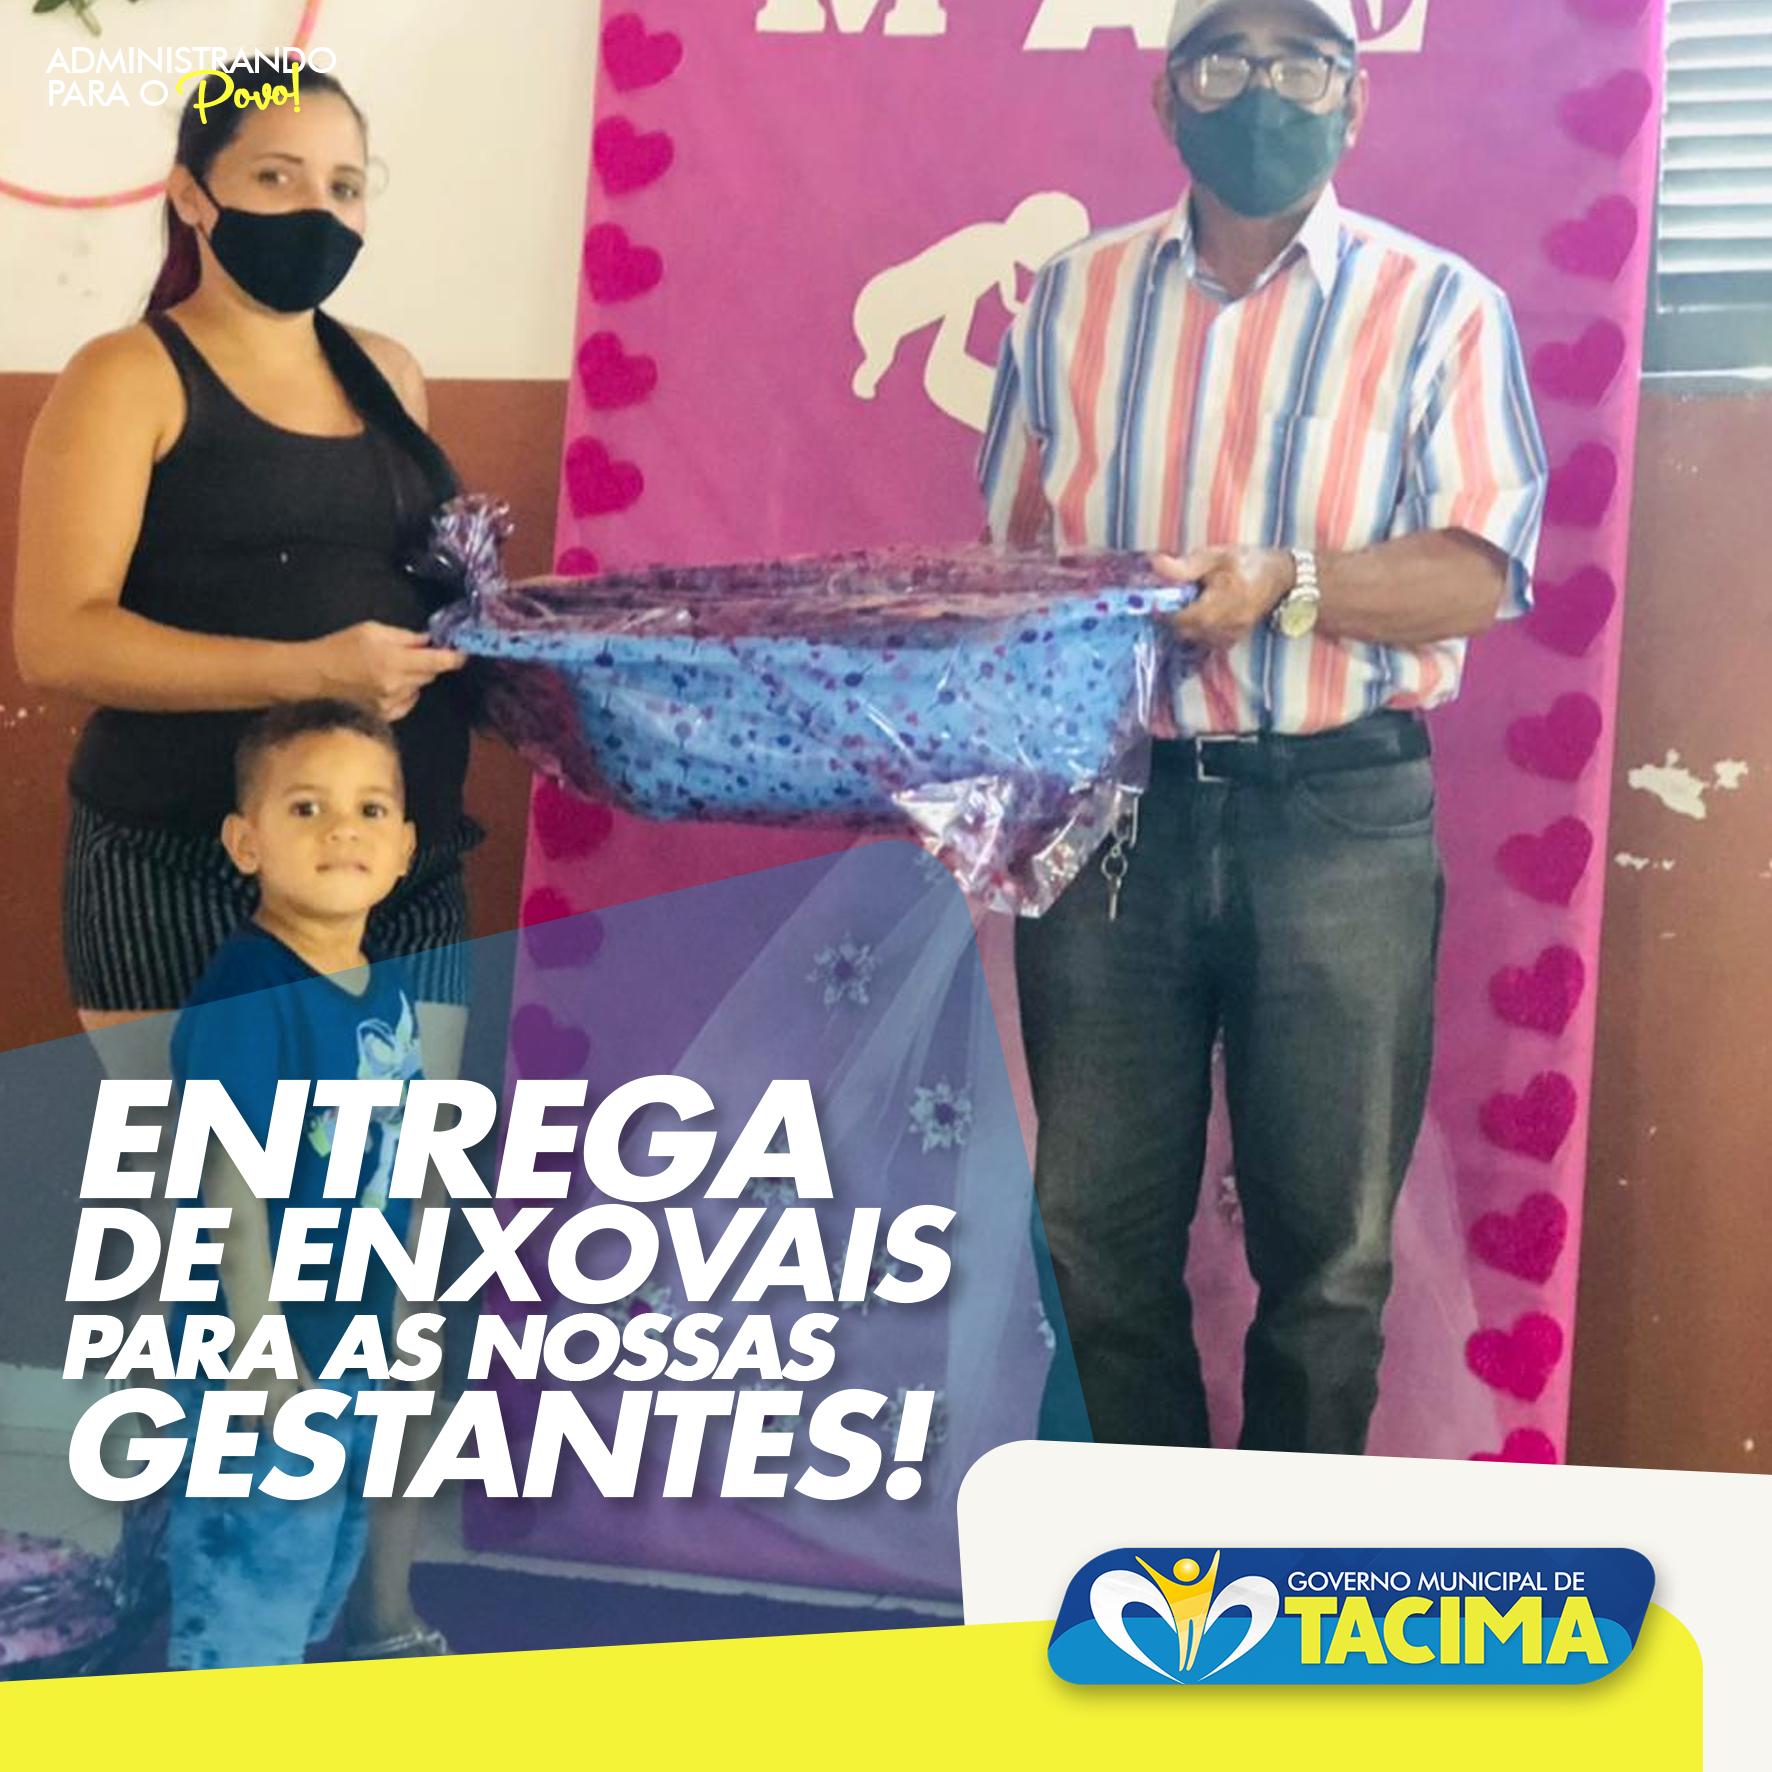 PREFEITURA ENTREGA KITS DE ENXOVAL PARA GESTANTES DE TACIMA. CONFIRA!